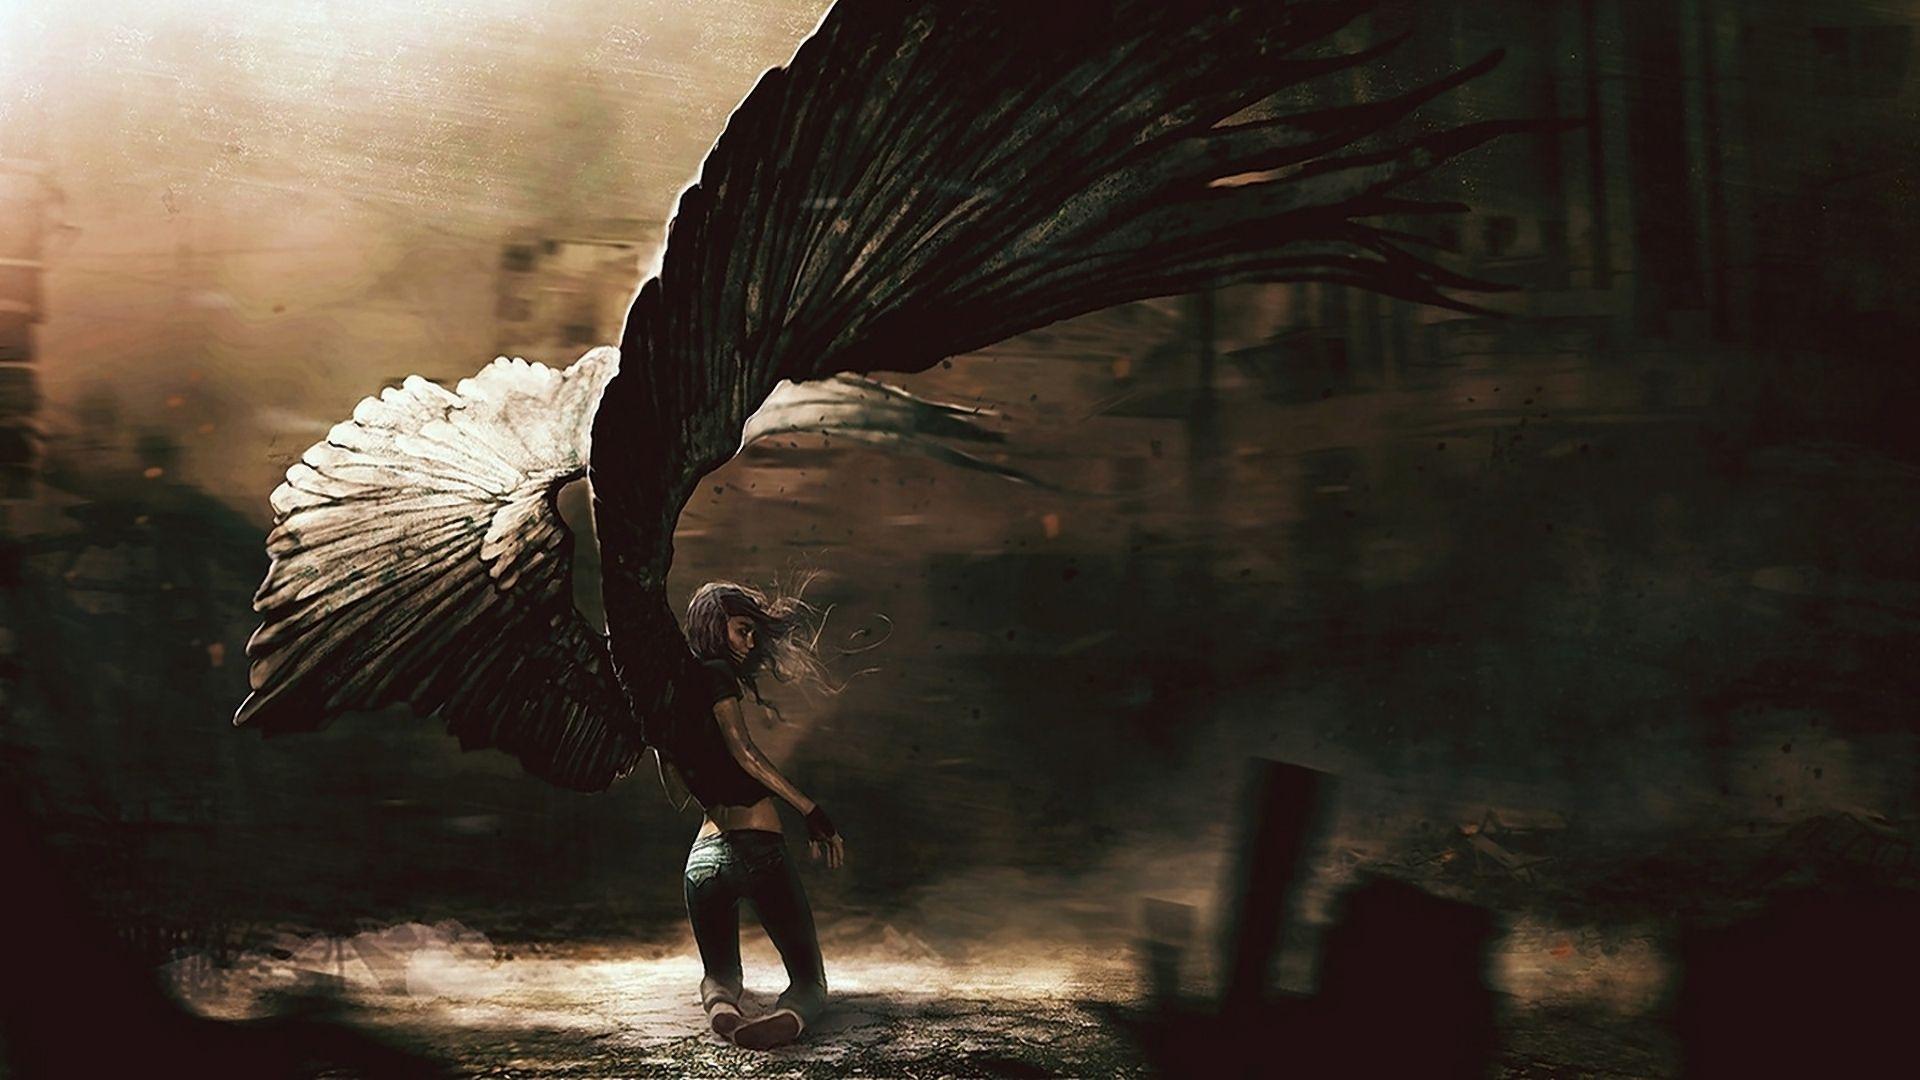 Download Wallpaper 1920x1080 Angel Girl Fallen Wings Full Hd 1080p Hd Background Fantasy Artwork Arte De Anjo Anjo Caido